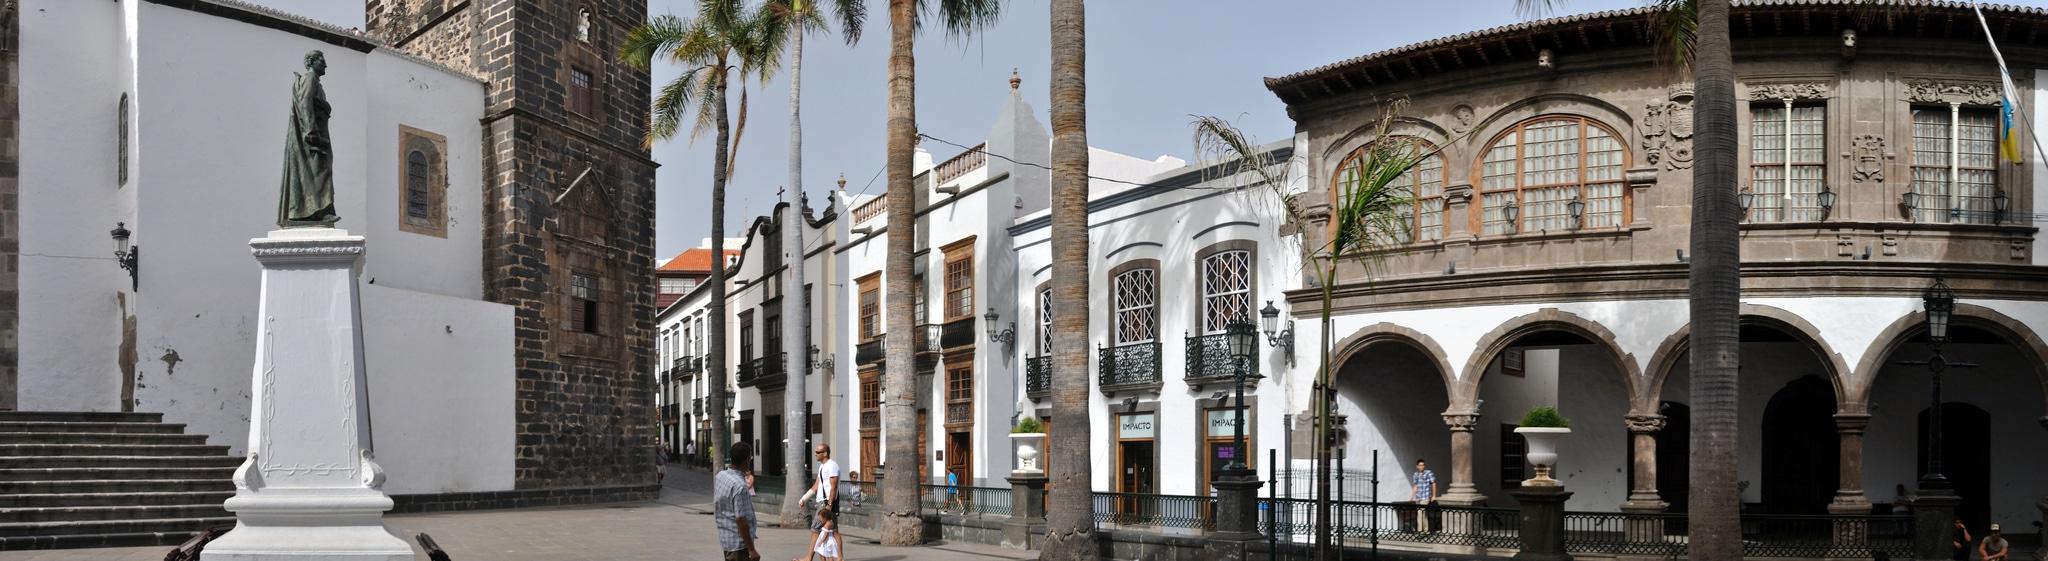 Rue de Santa Cruz de la Palma